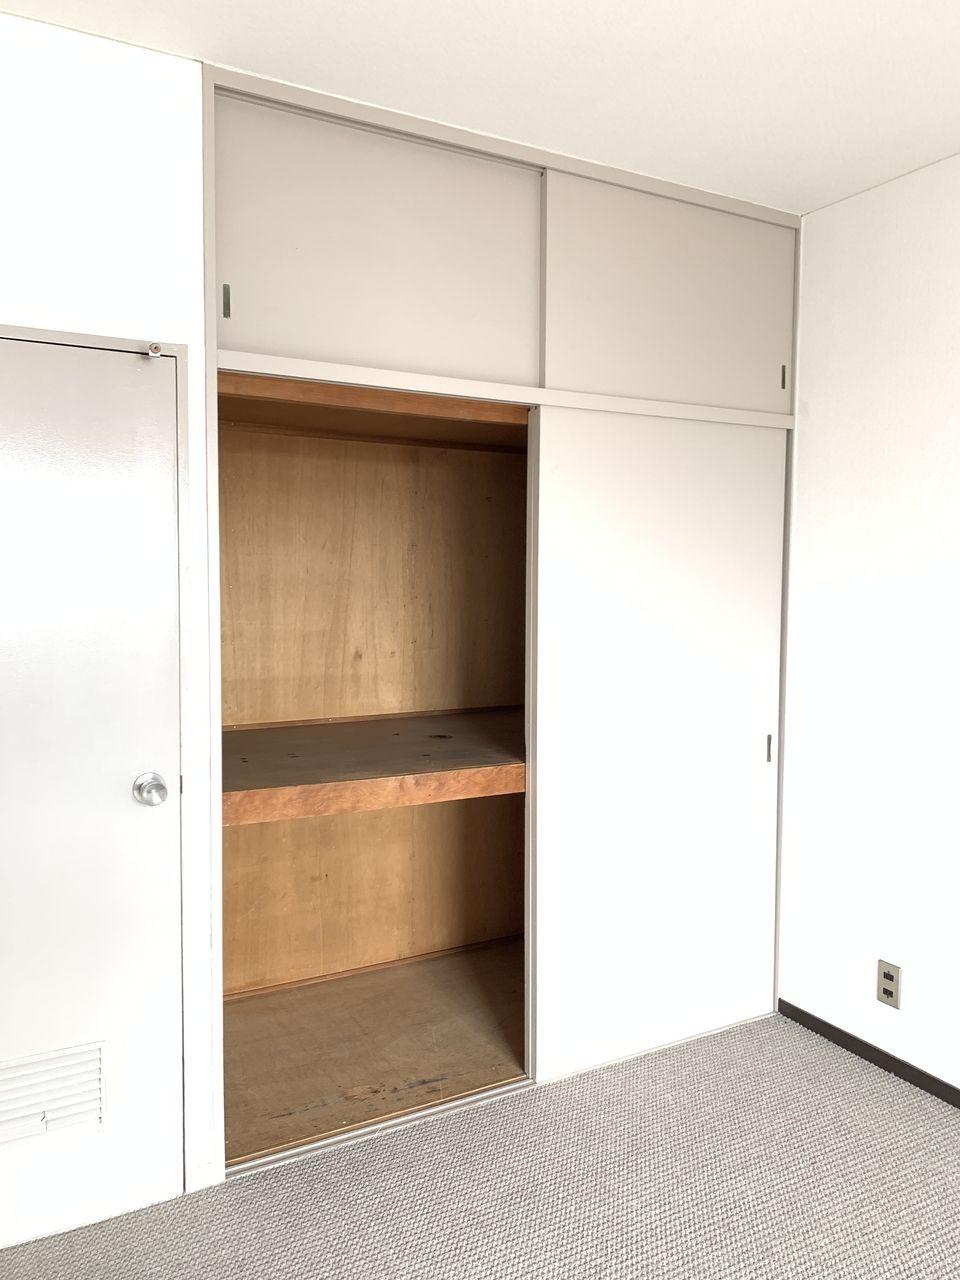 ハイツ富士401号室押入れの写真です